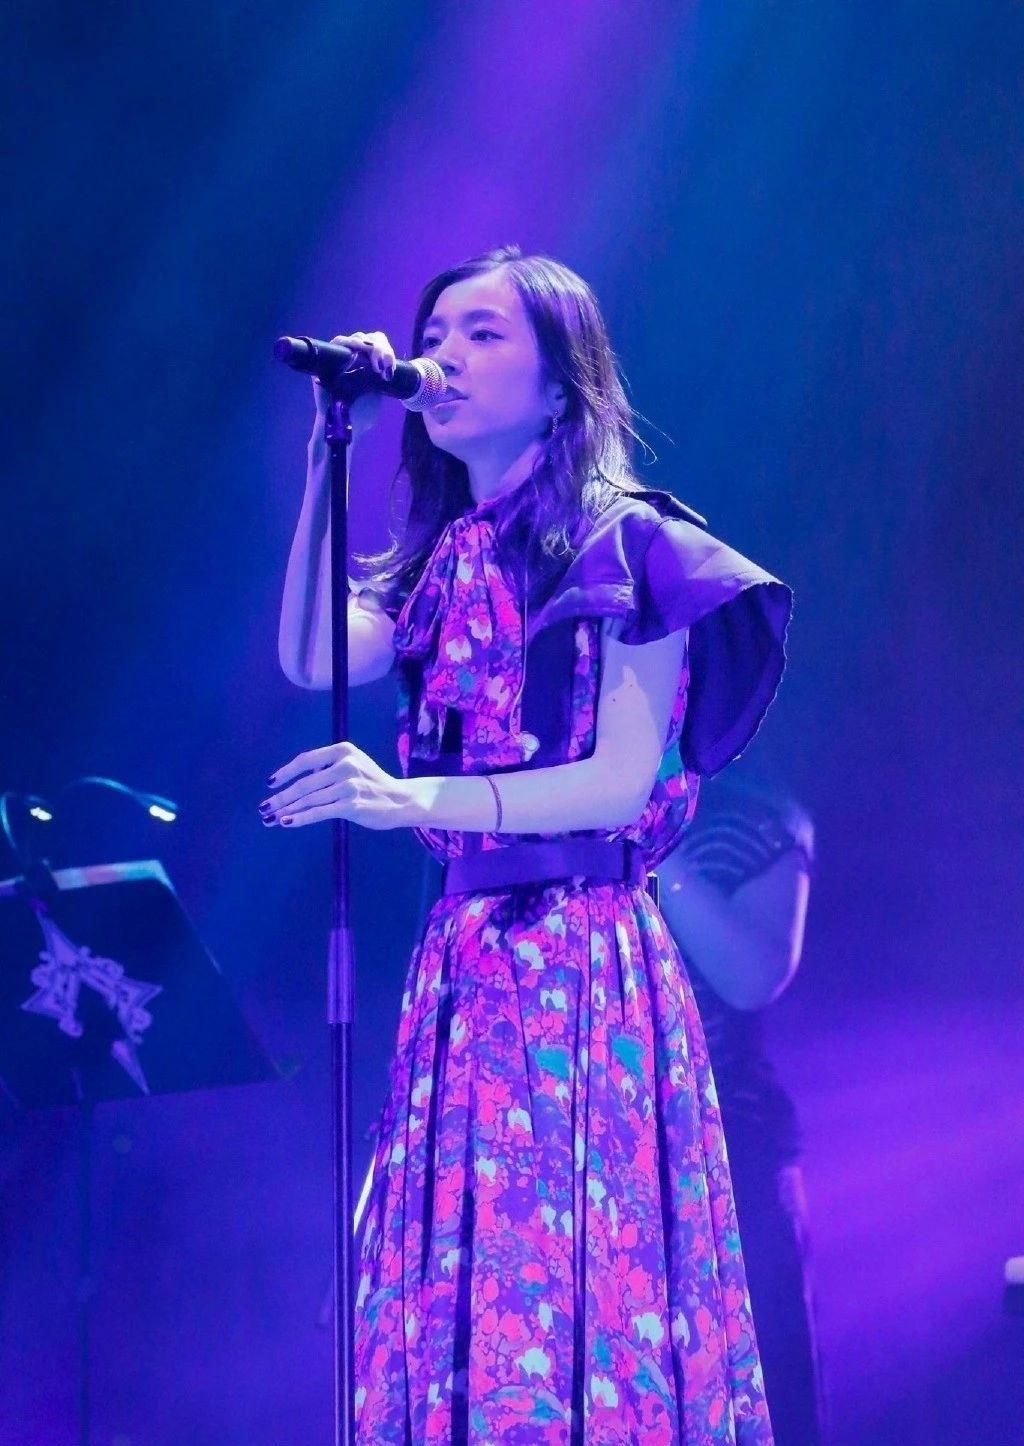 集美貌和才华于一身的出道仅仅两年的宝藏歌手milet (13)